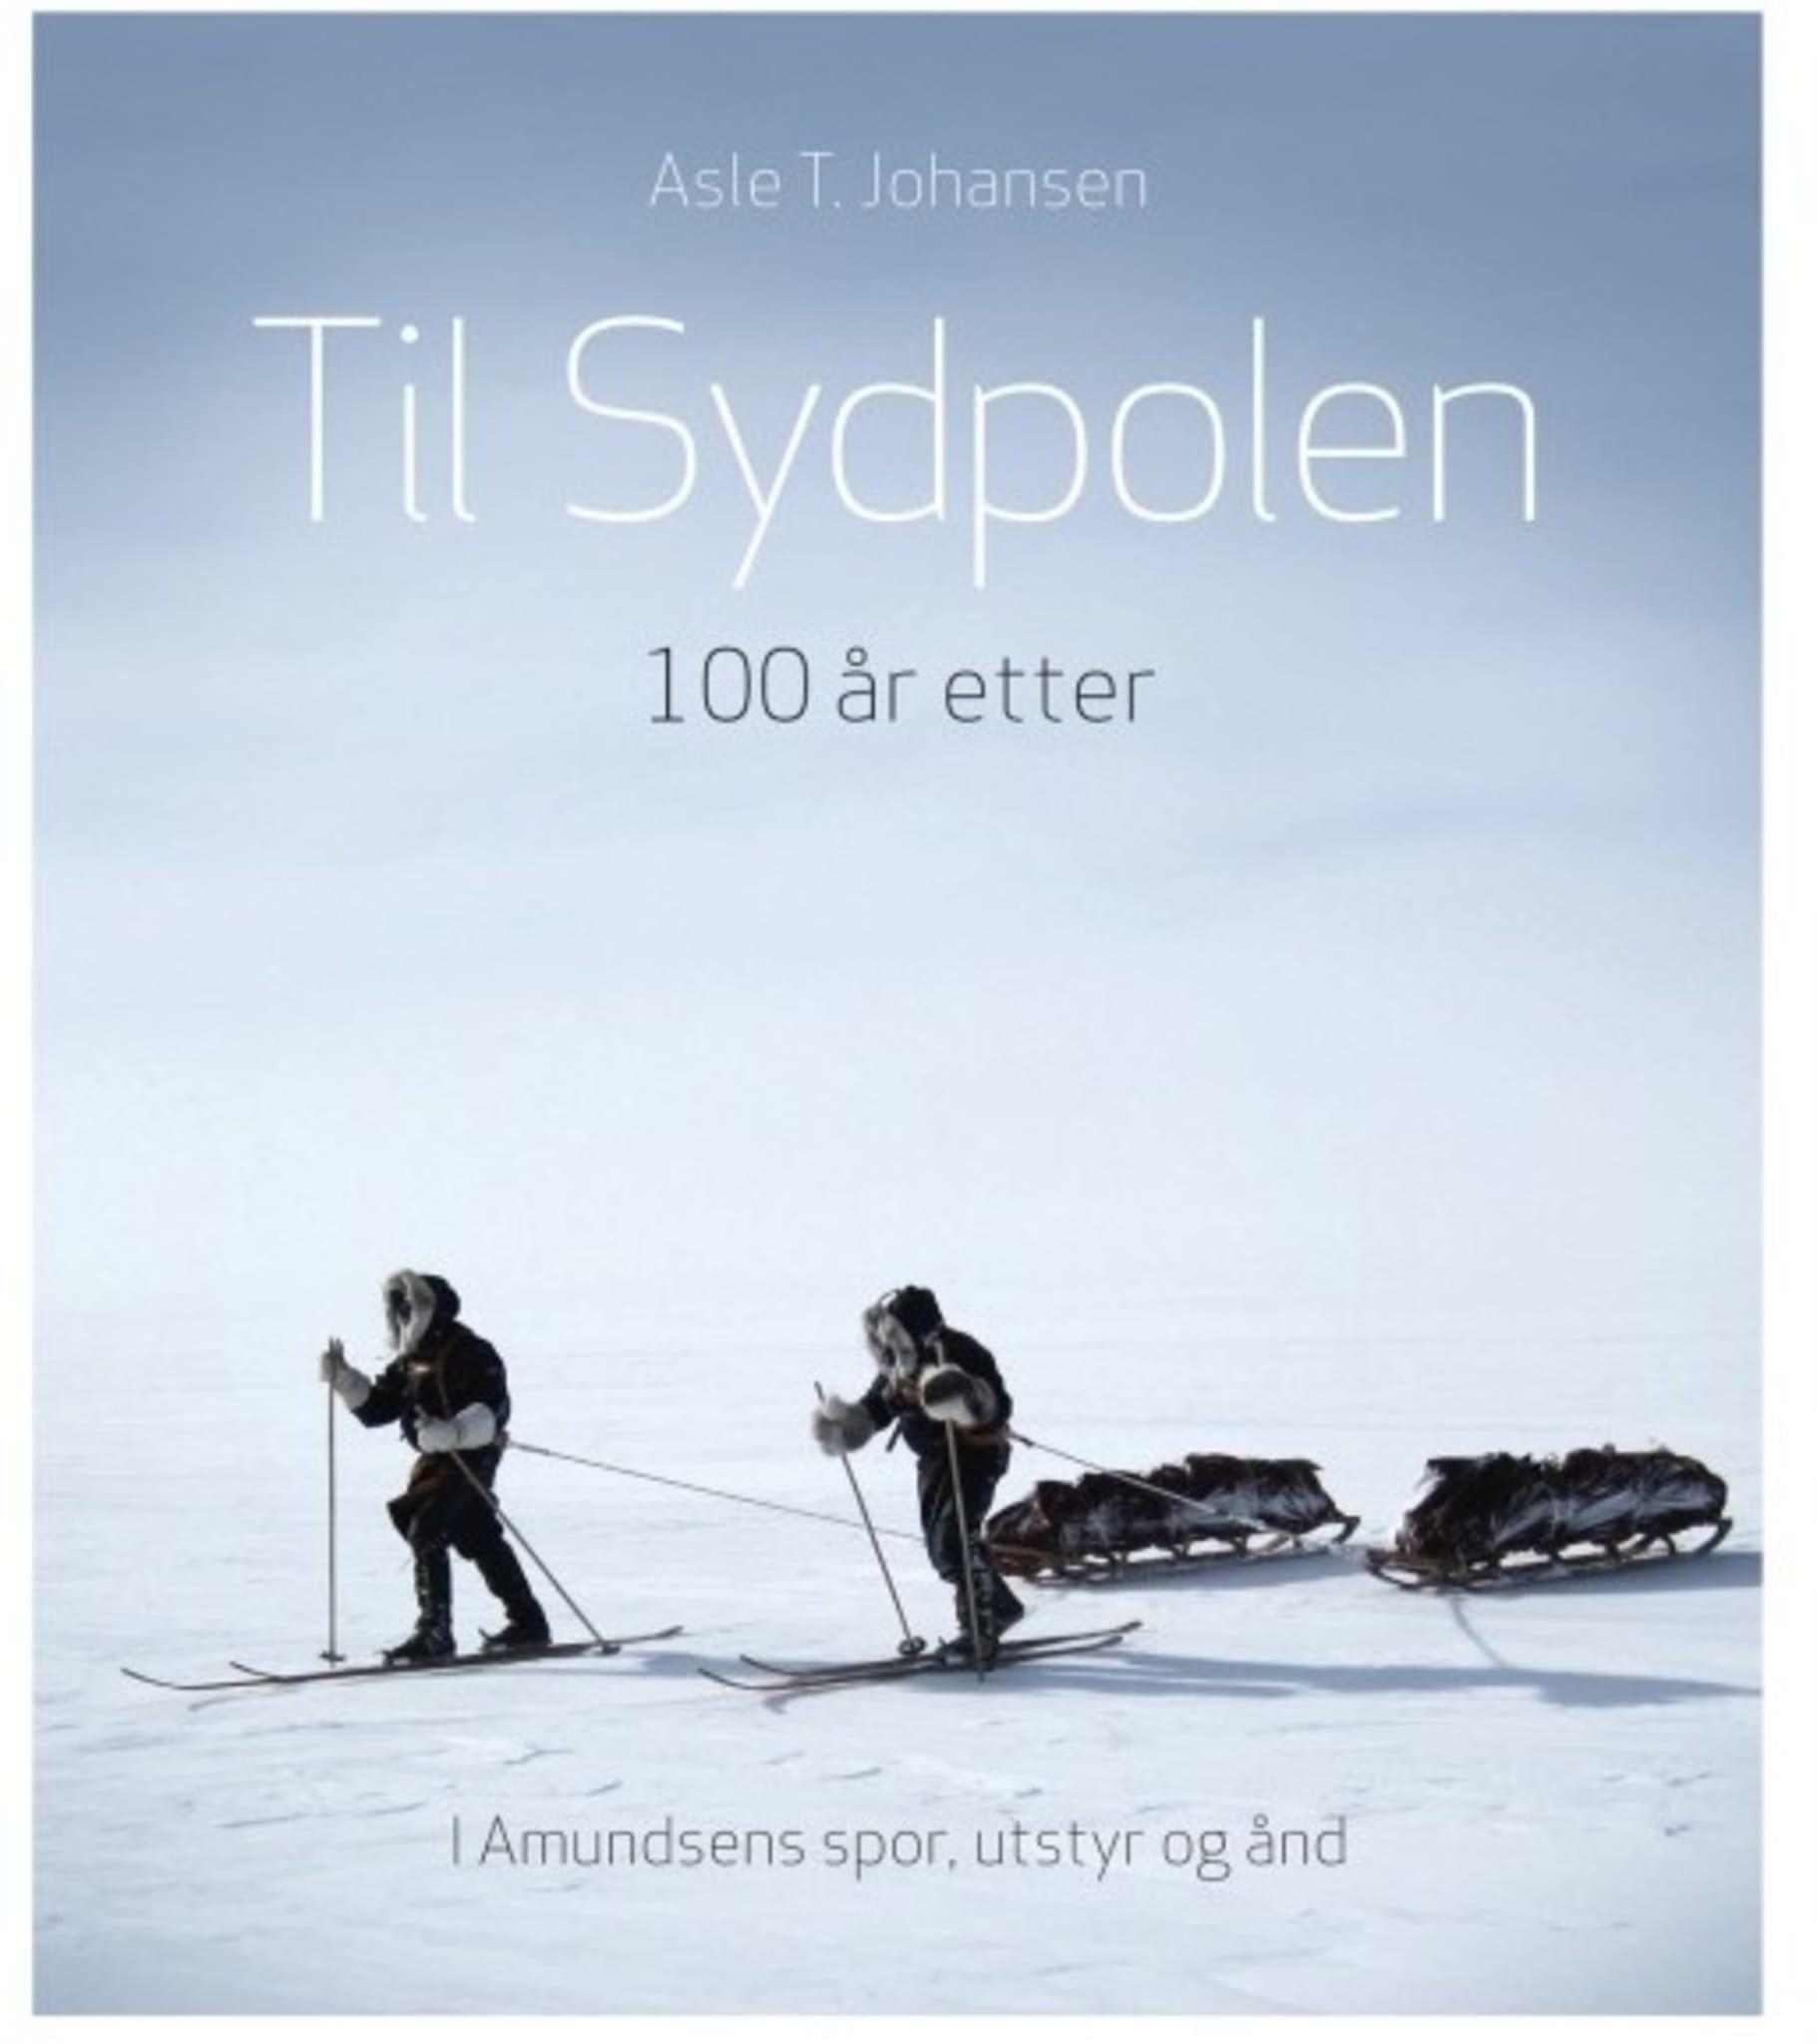 100 år etter, i Amundsens spor, utstyr og ånd